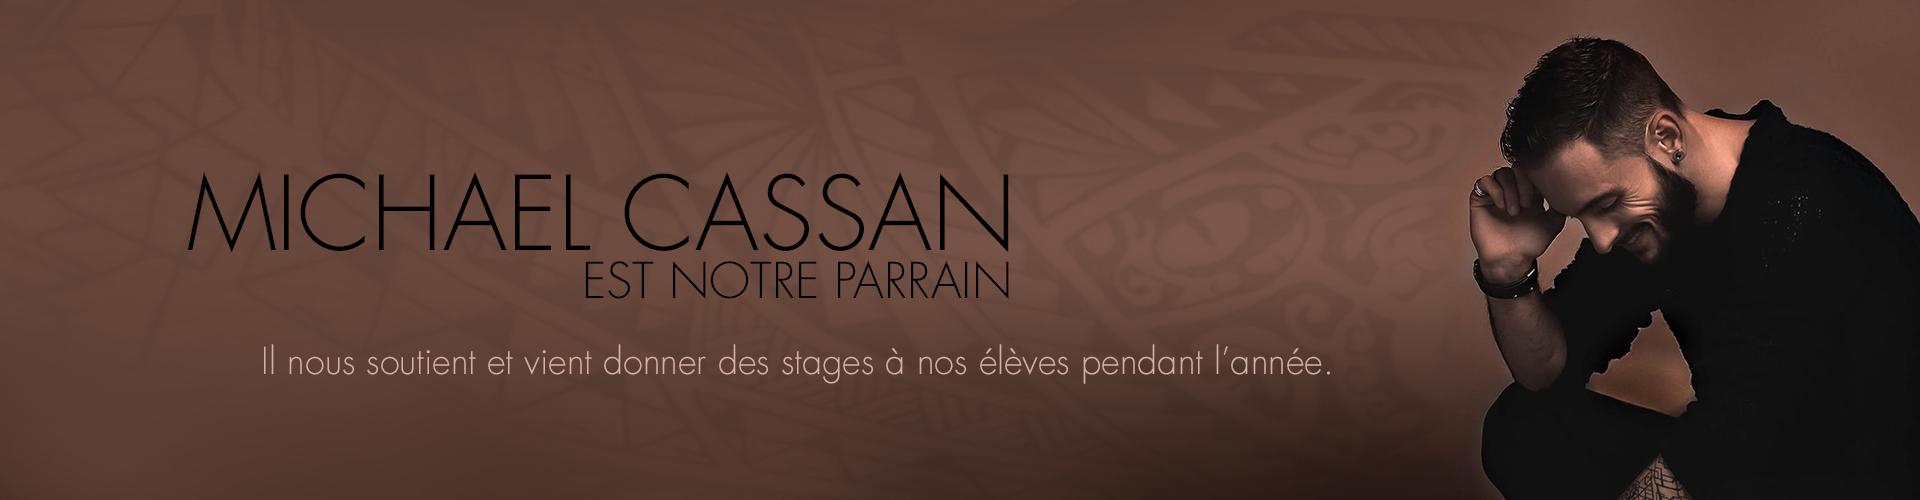 Michael Casssan - Parrain Mix Dance Formation